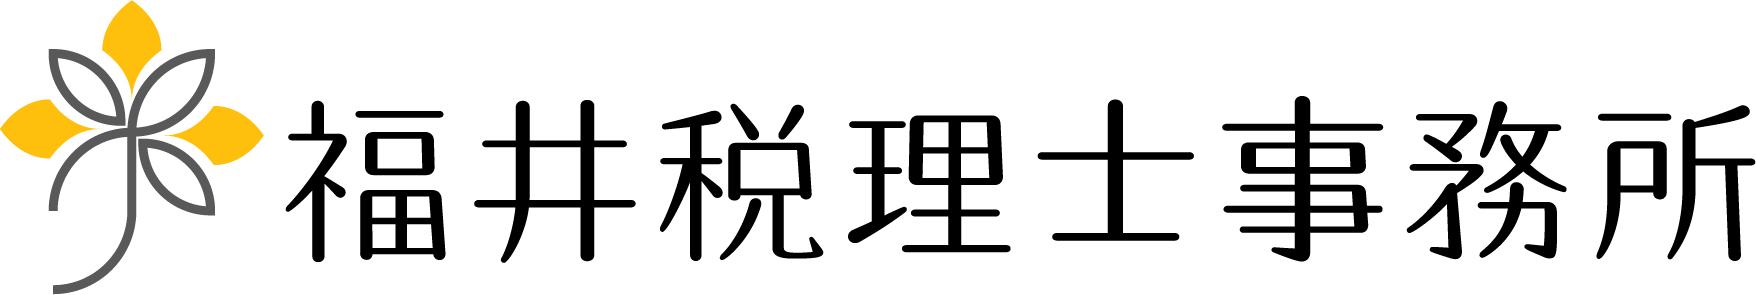 福井税理士事務所